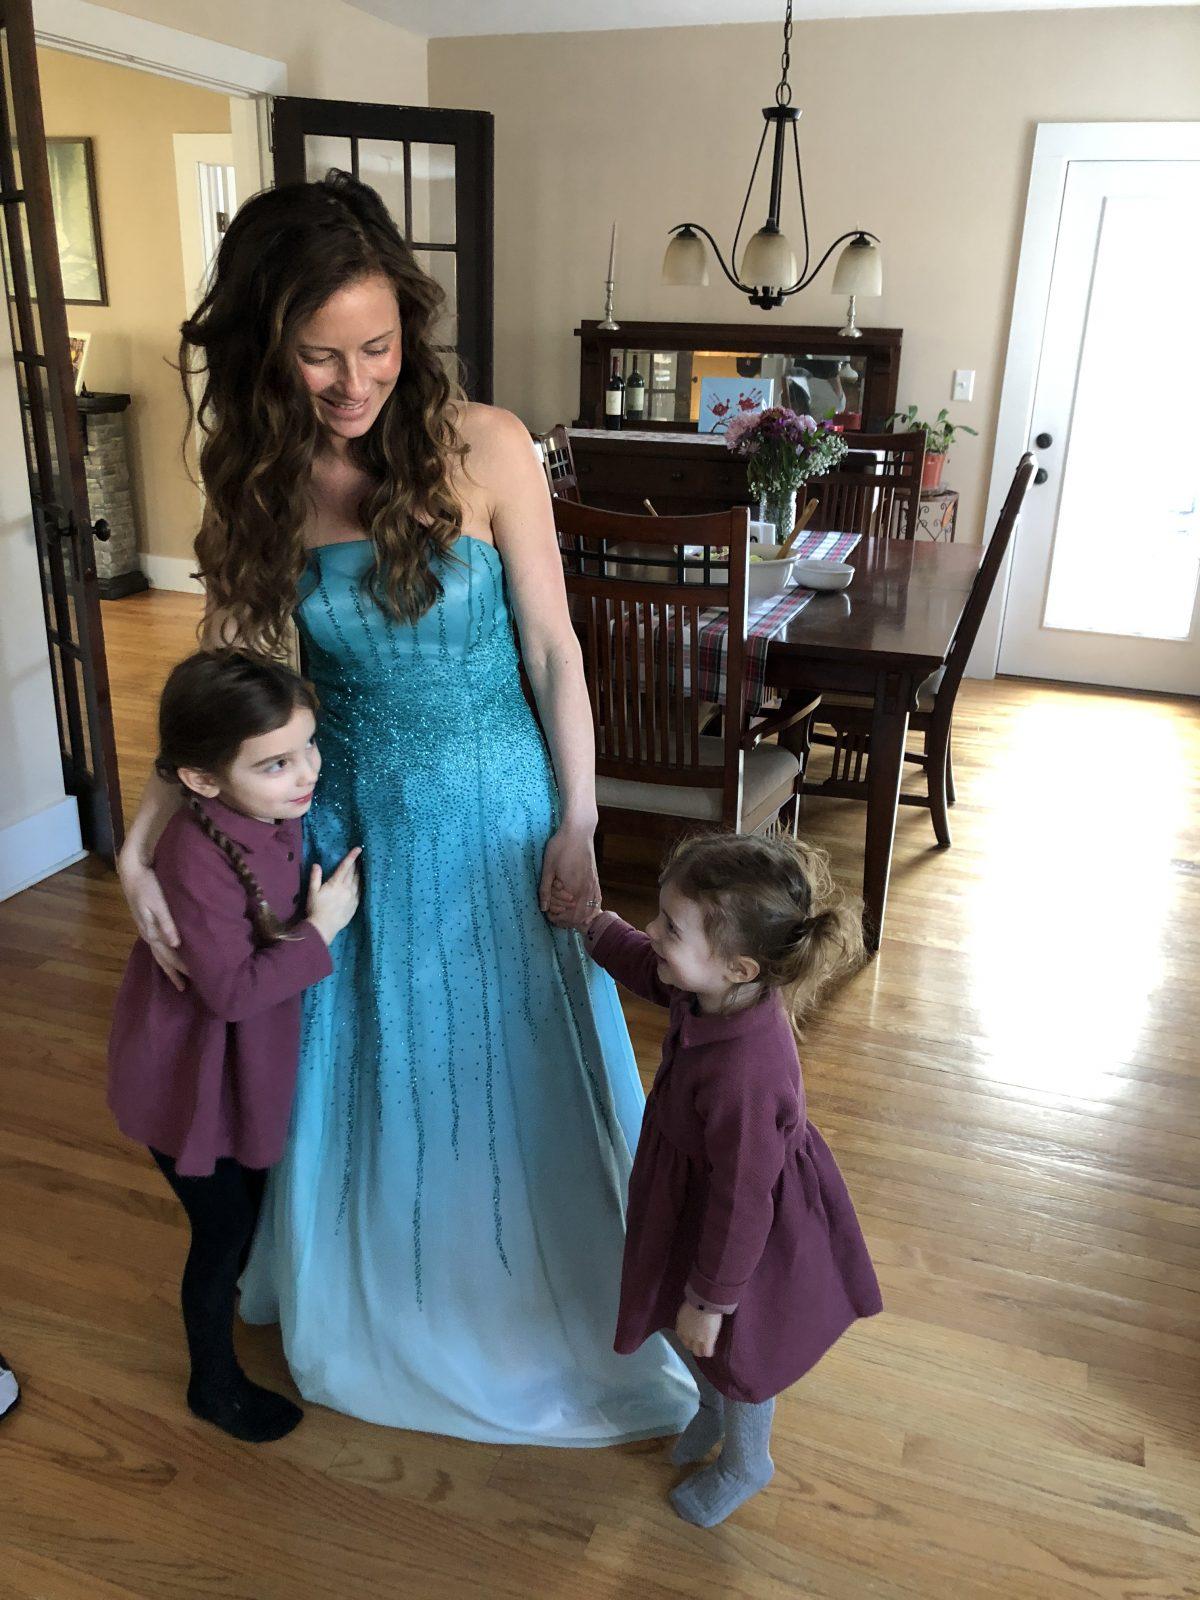 Woman in Blue Dress like Elsa from Frozen